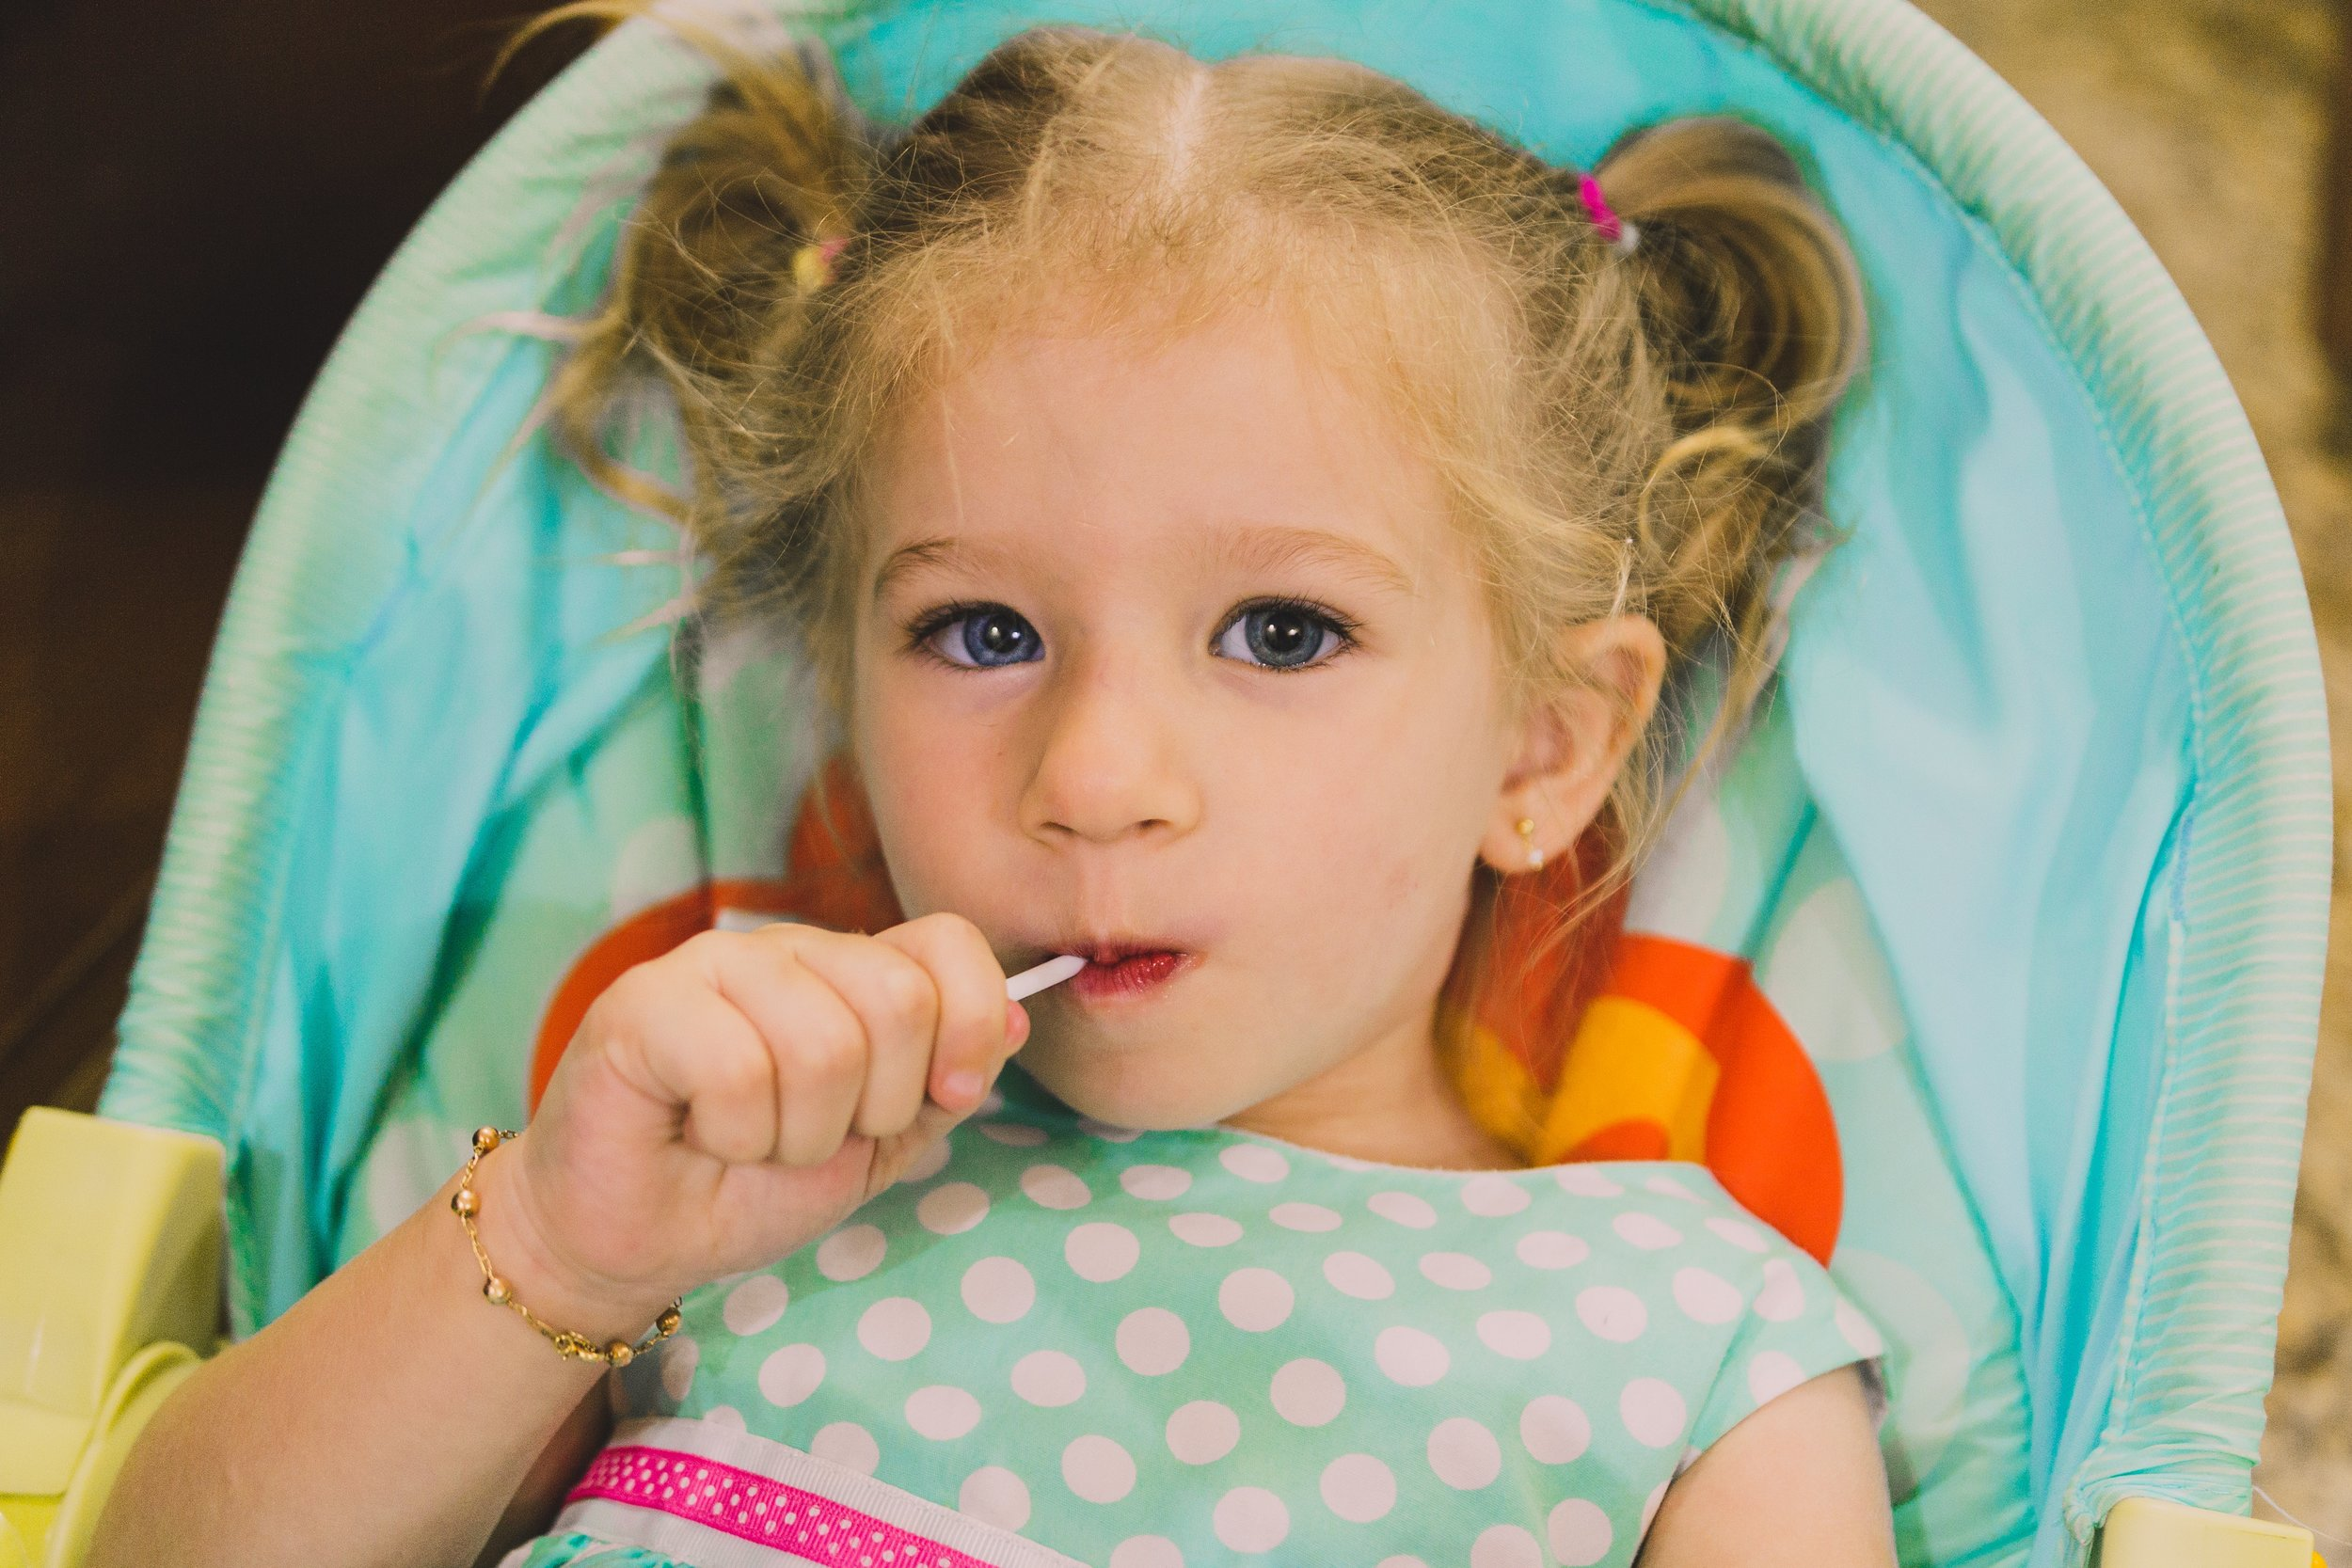 child sugar intake.jpg